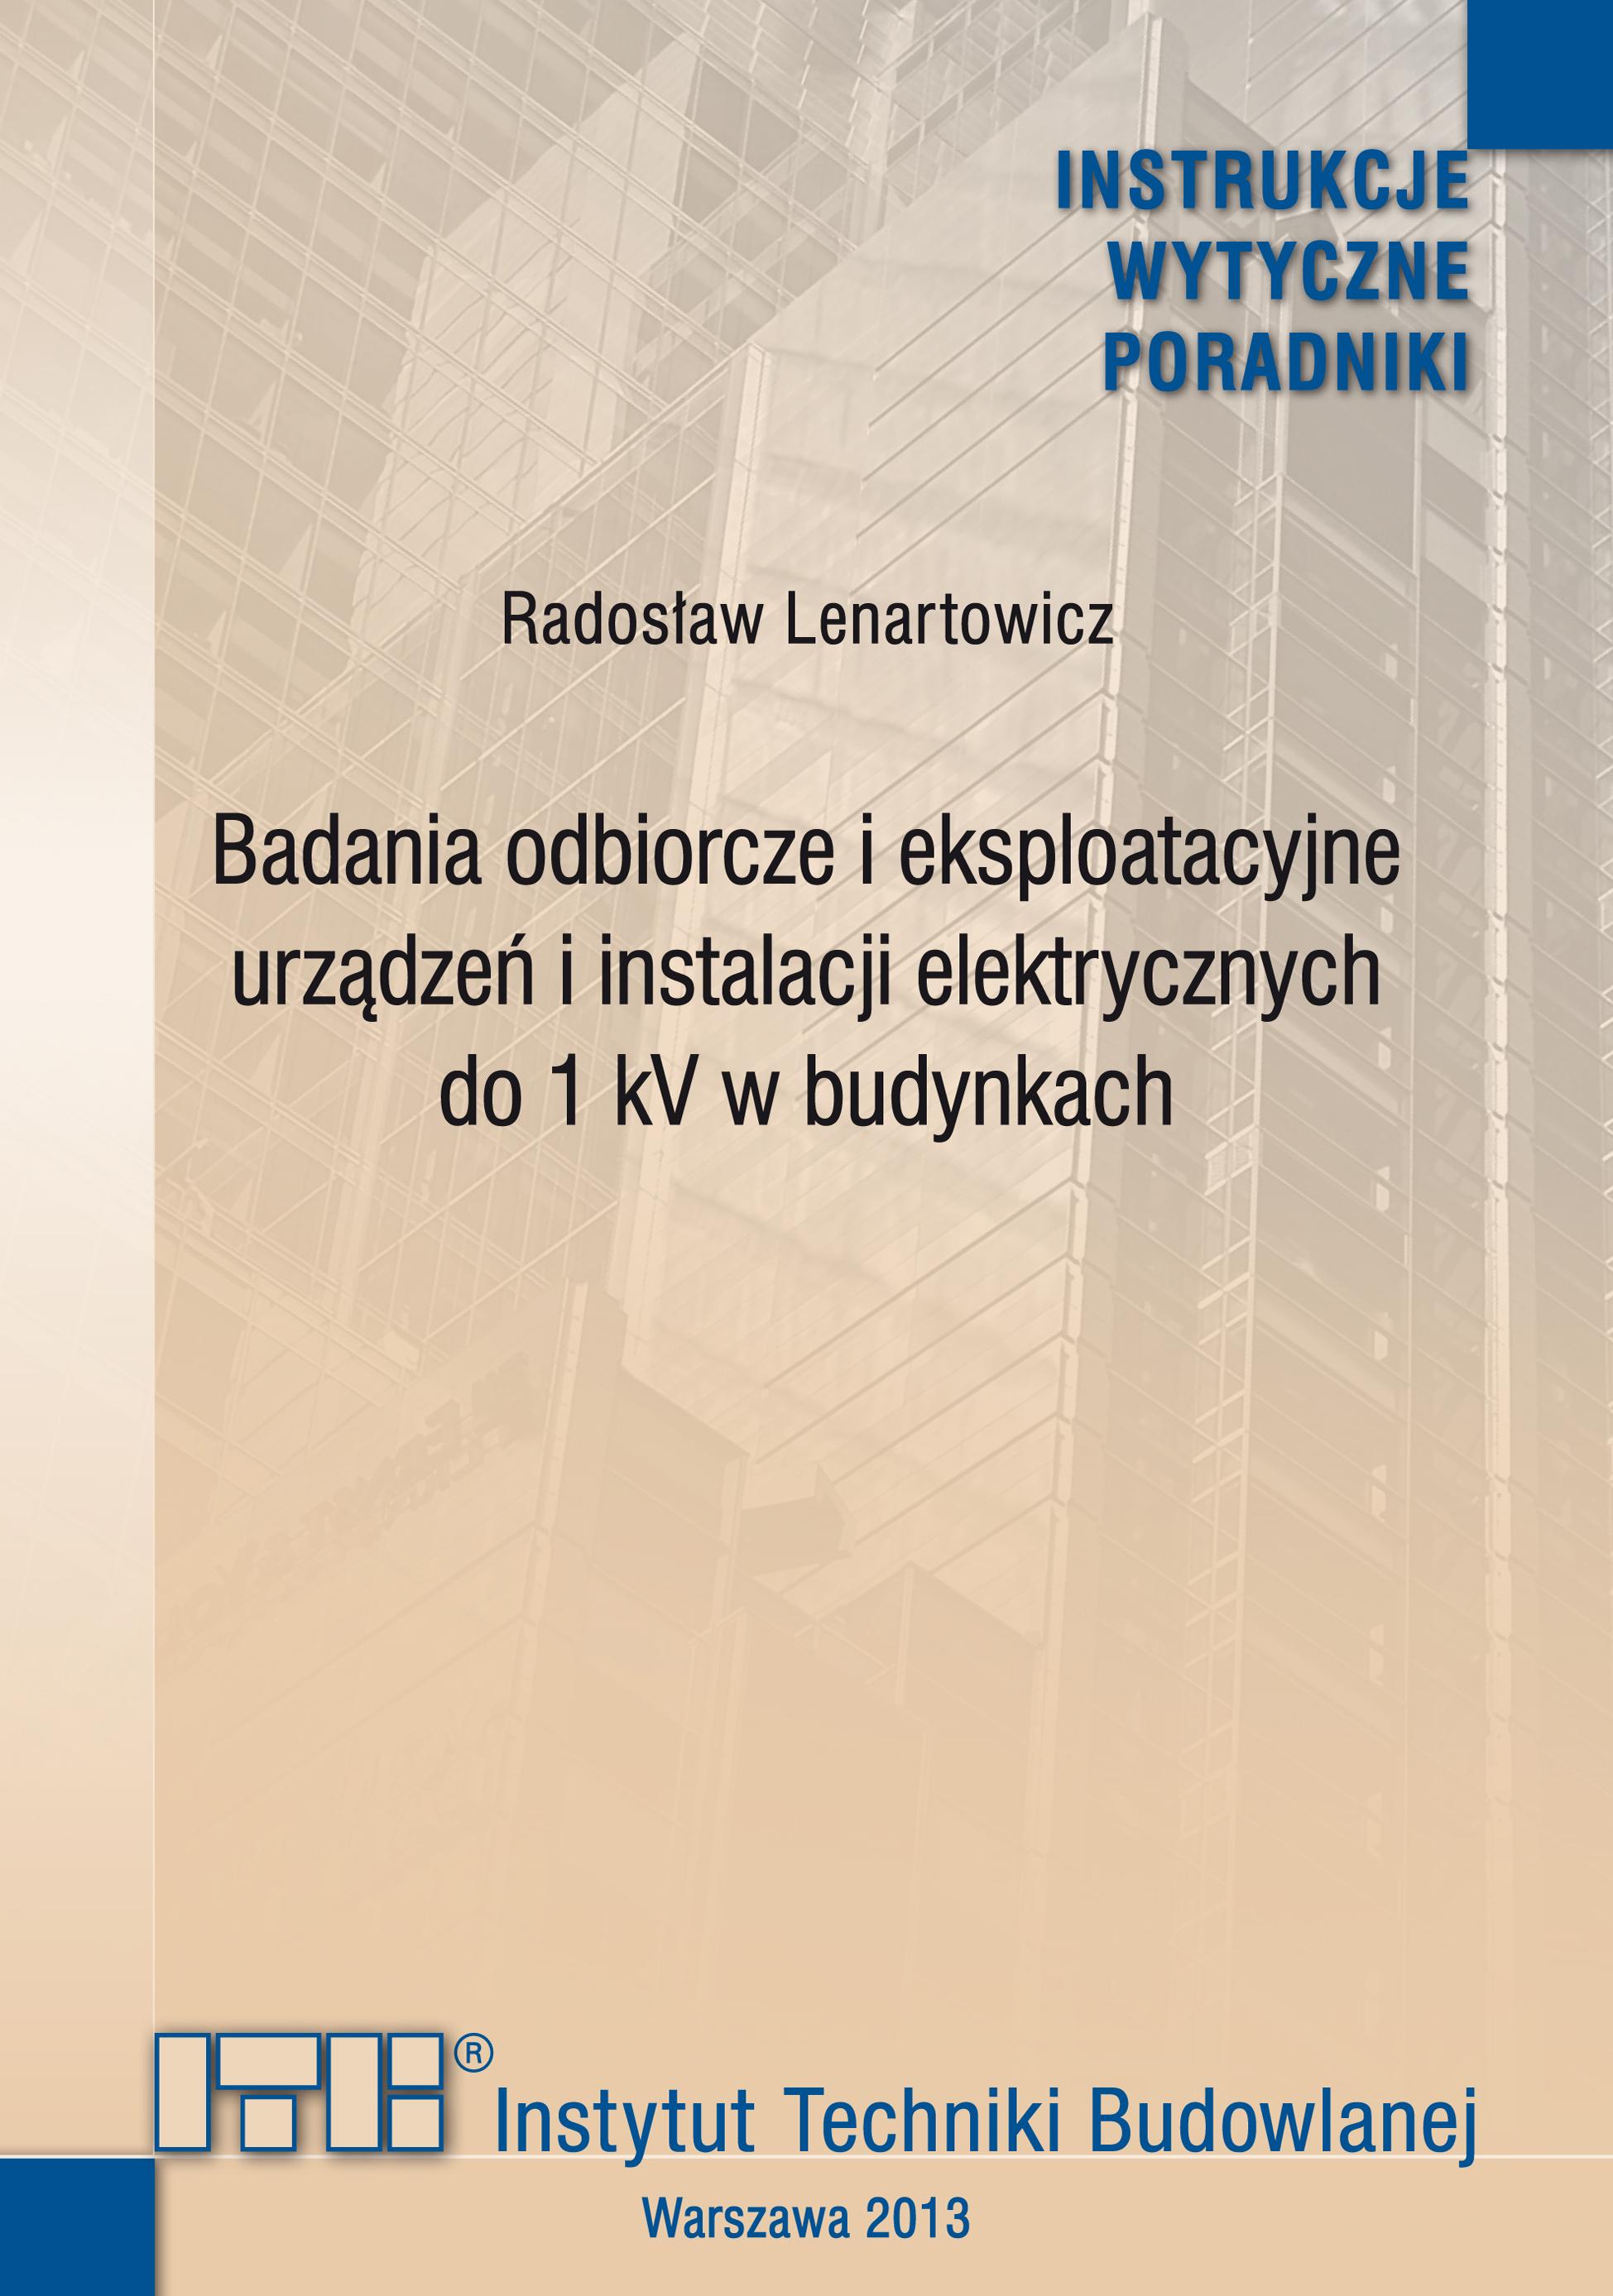 Badania odbiorcze i eksploatacyjne urządzeń i instalacji elektrycznych do 1 kV w budynkach